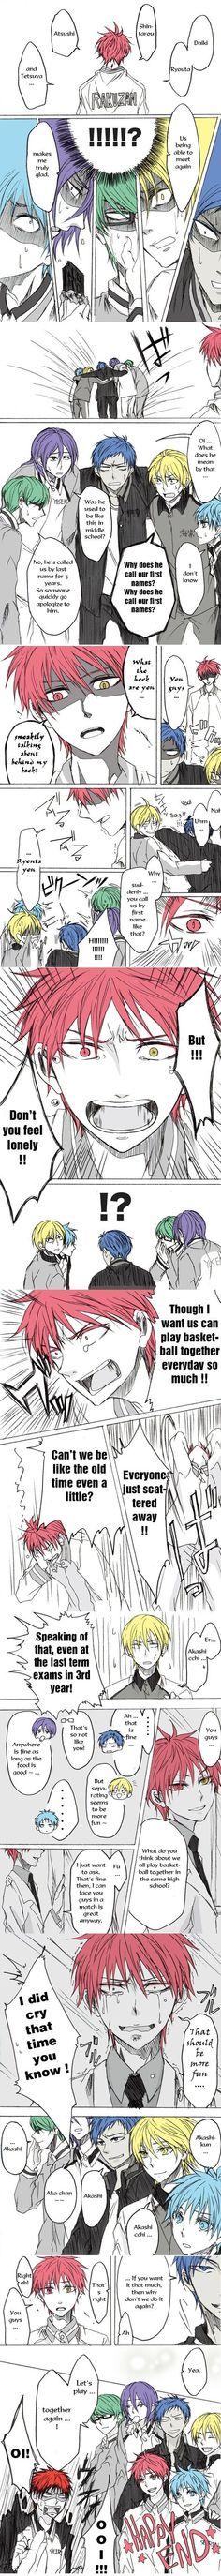 Tags: Anime, Kuroko no Basket, Kise Ryouta, Midorima Shintarou, Kuroko Tetsuya, Kagami Taiga, Murasakibara Atsushi: